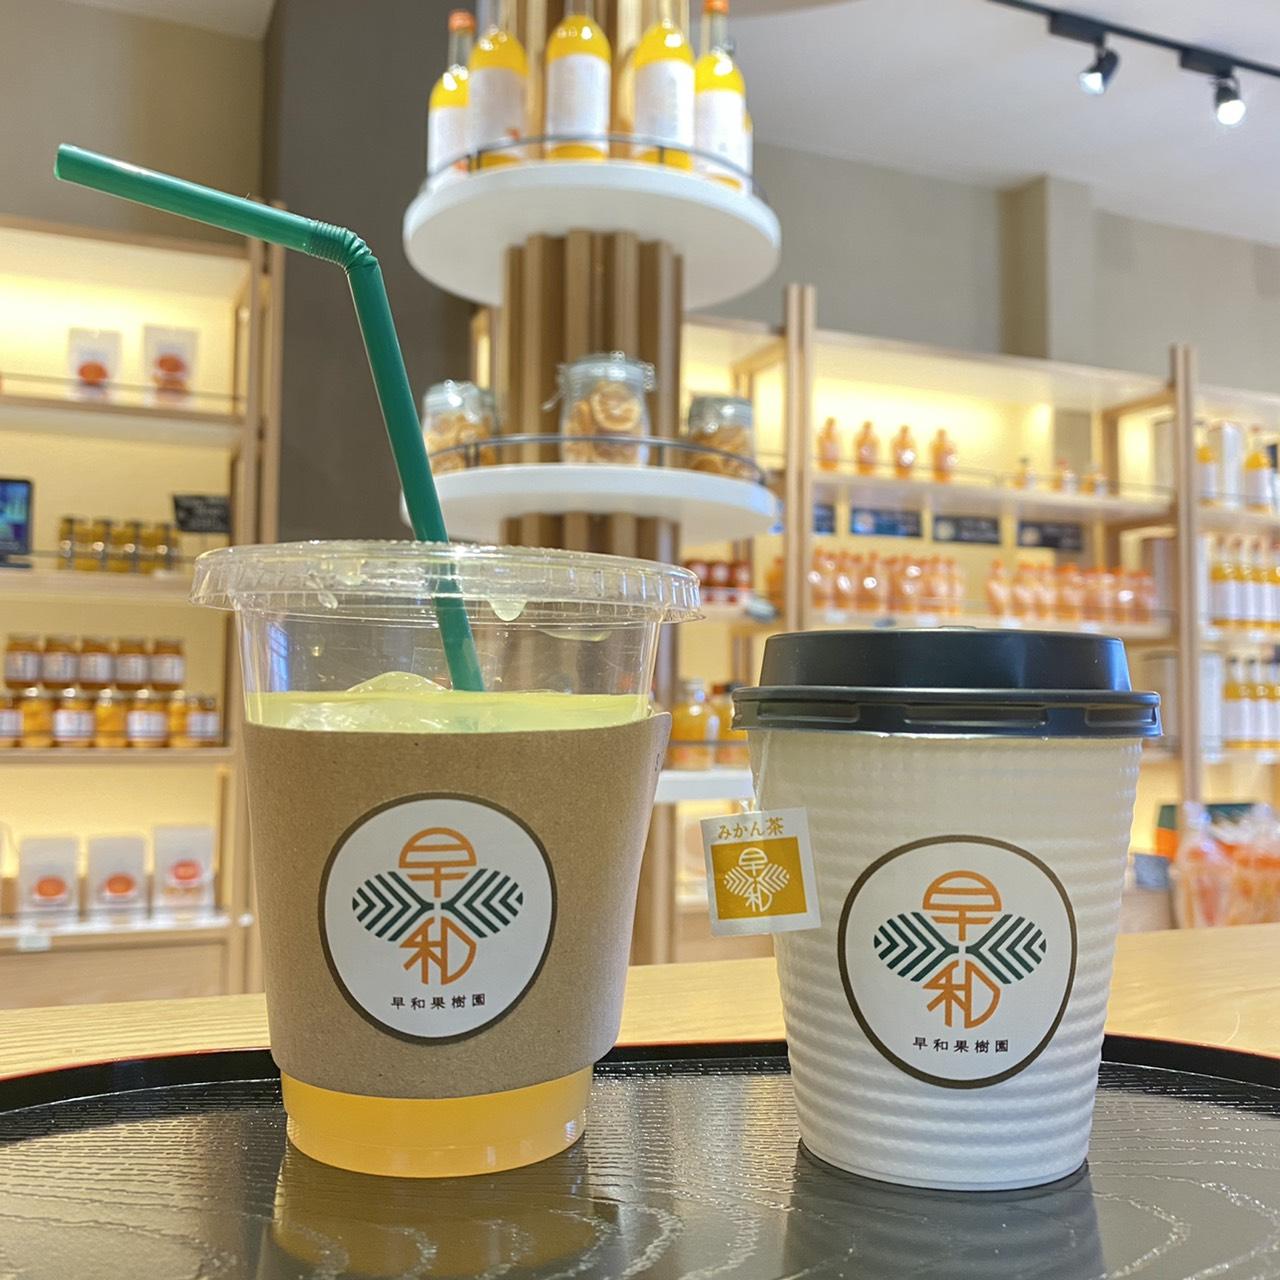 テイクアウトのカフェメニュー 果樹園のみかん茶 (左)アイス150円 (右)ホット100円